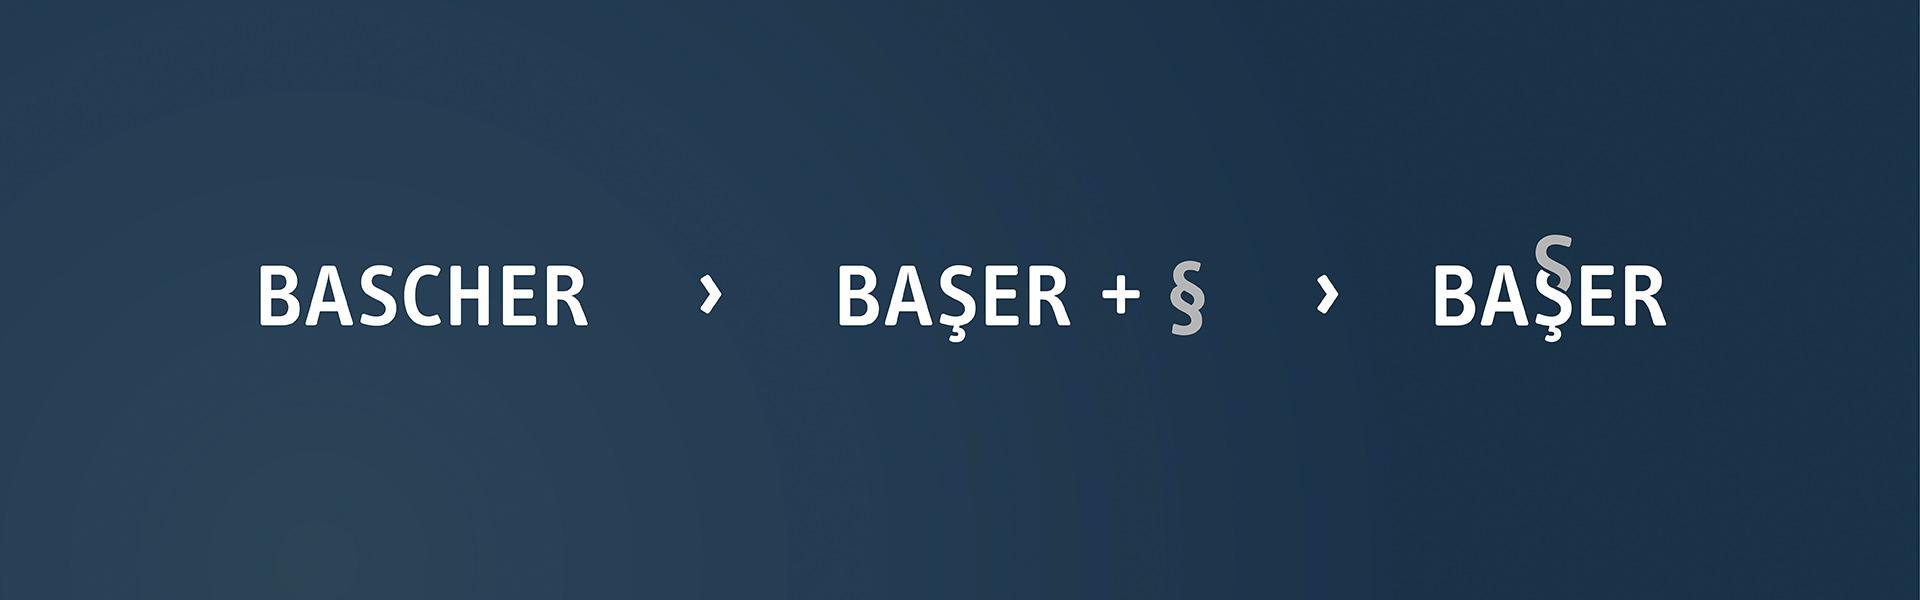 Die Enstehung des Logos von der Kanzlei Baser